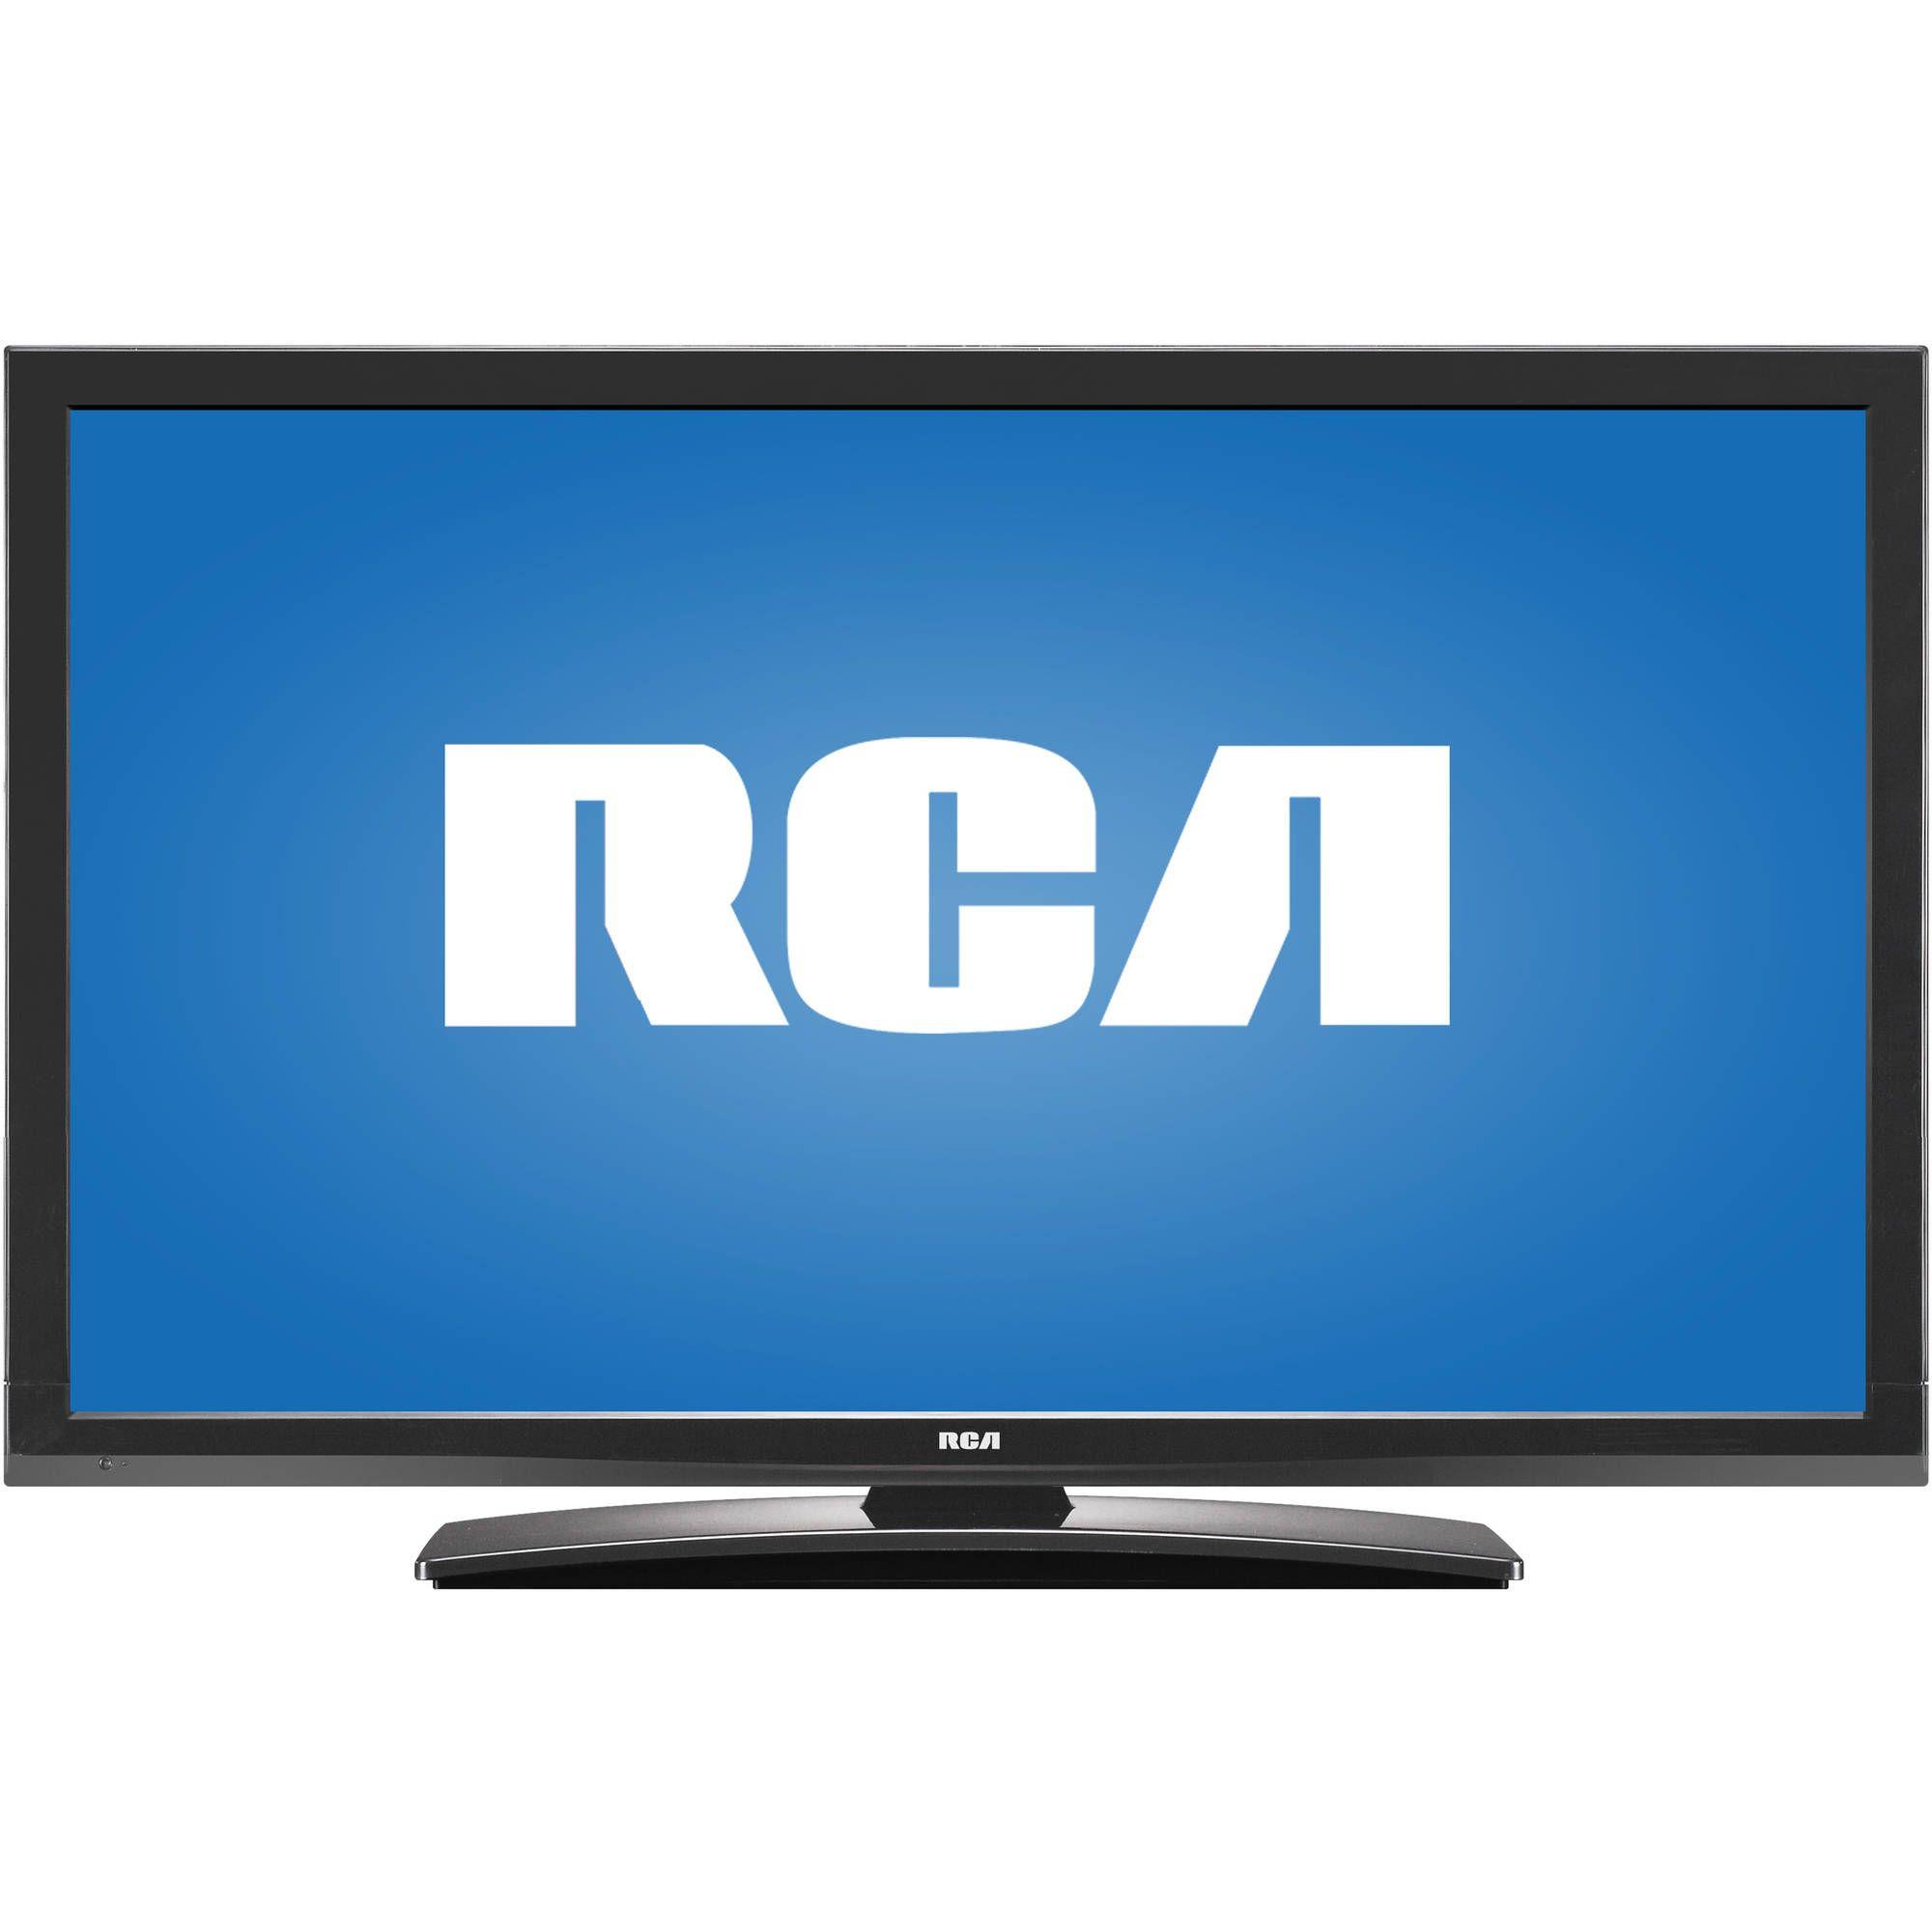 Rca Led20g30rqd 20 720p 60hz Class Led Hdtv Dvd Combo Review Led